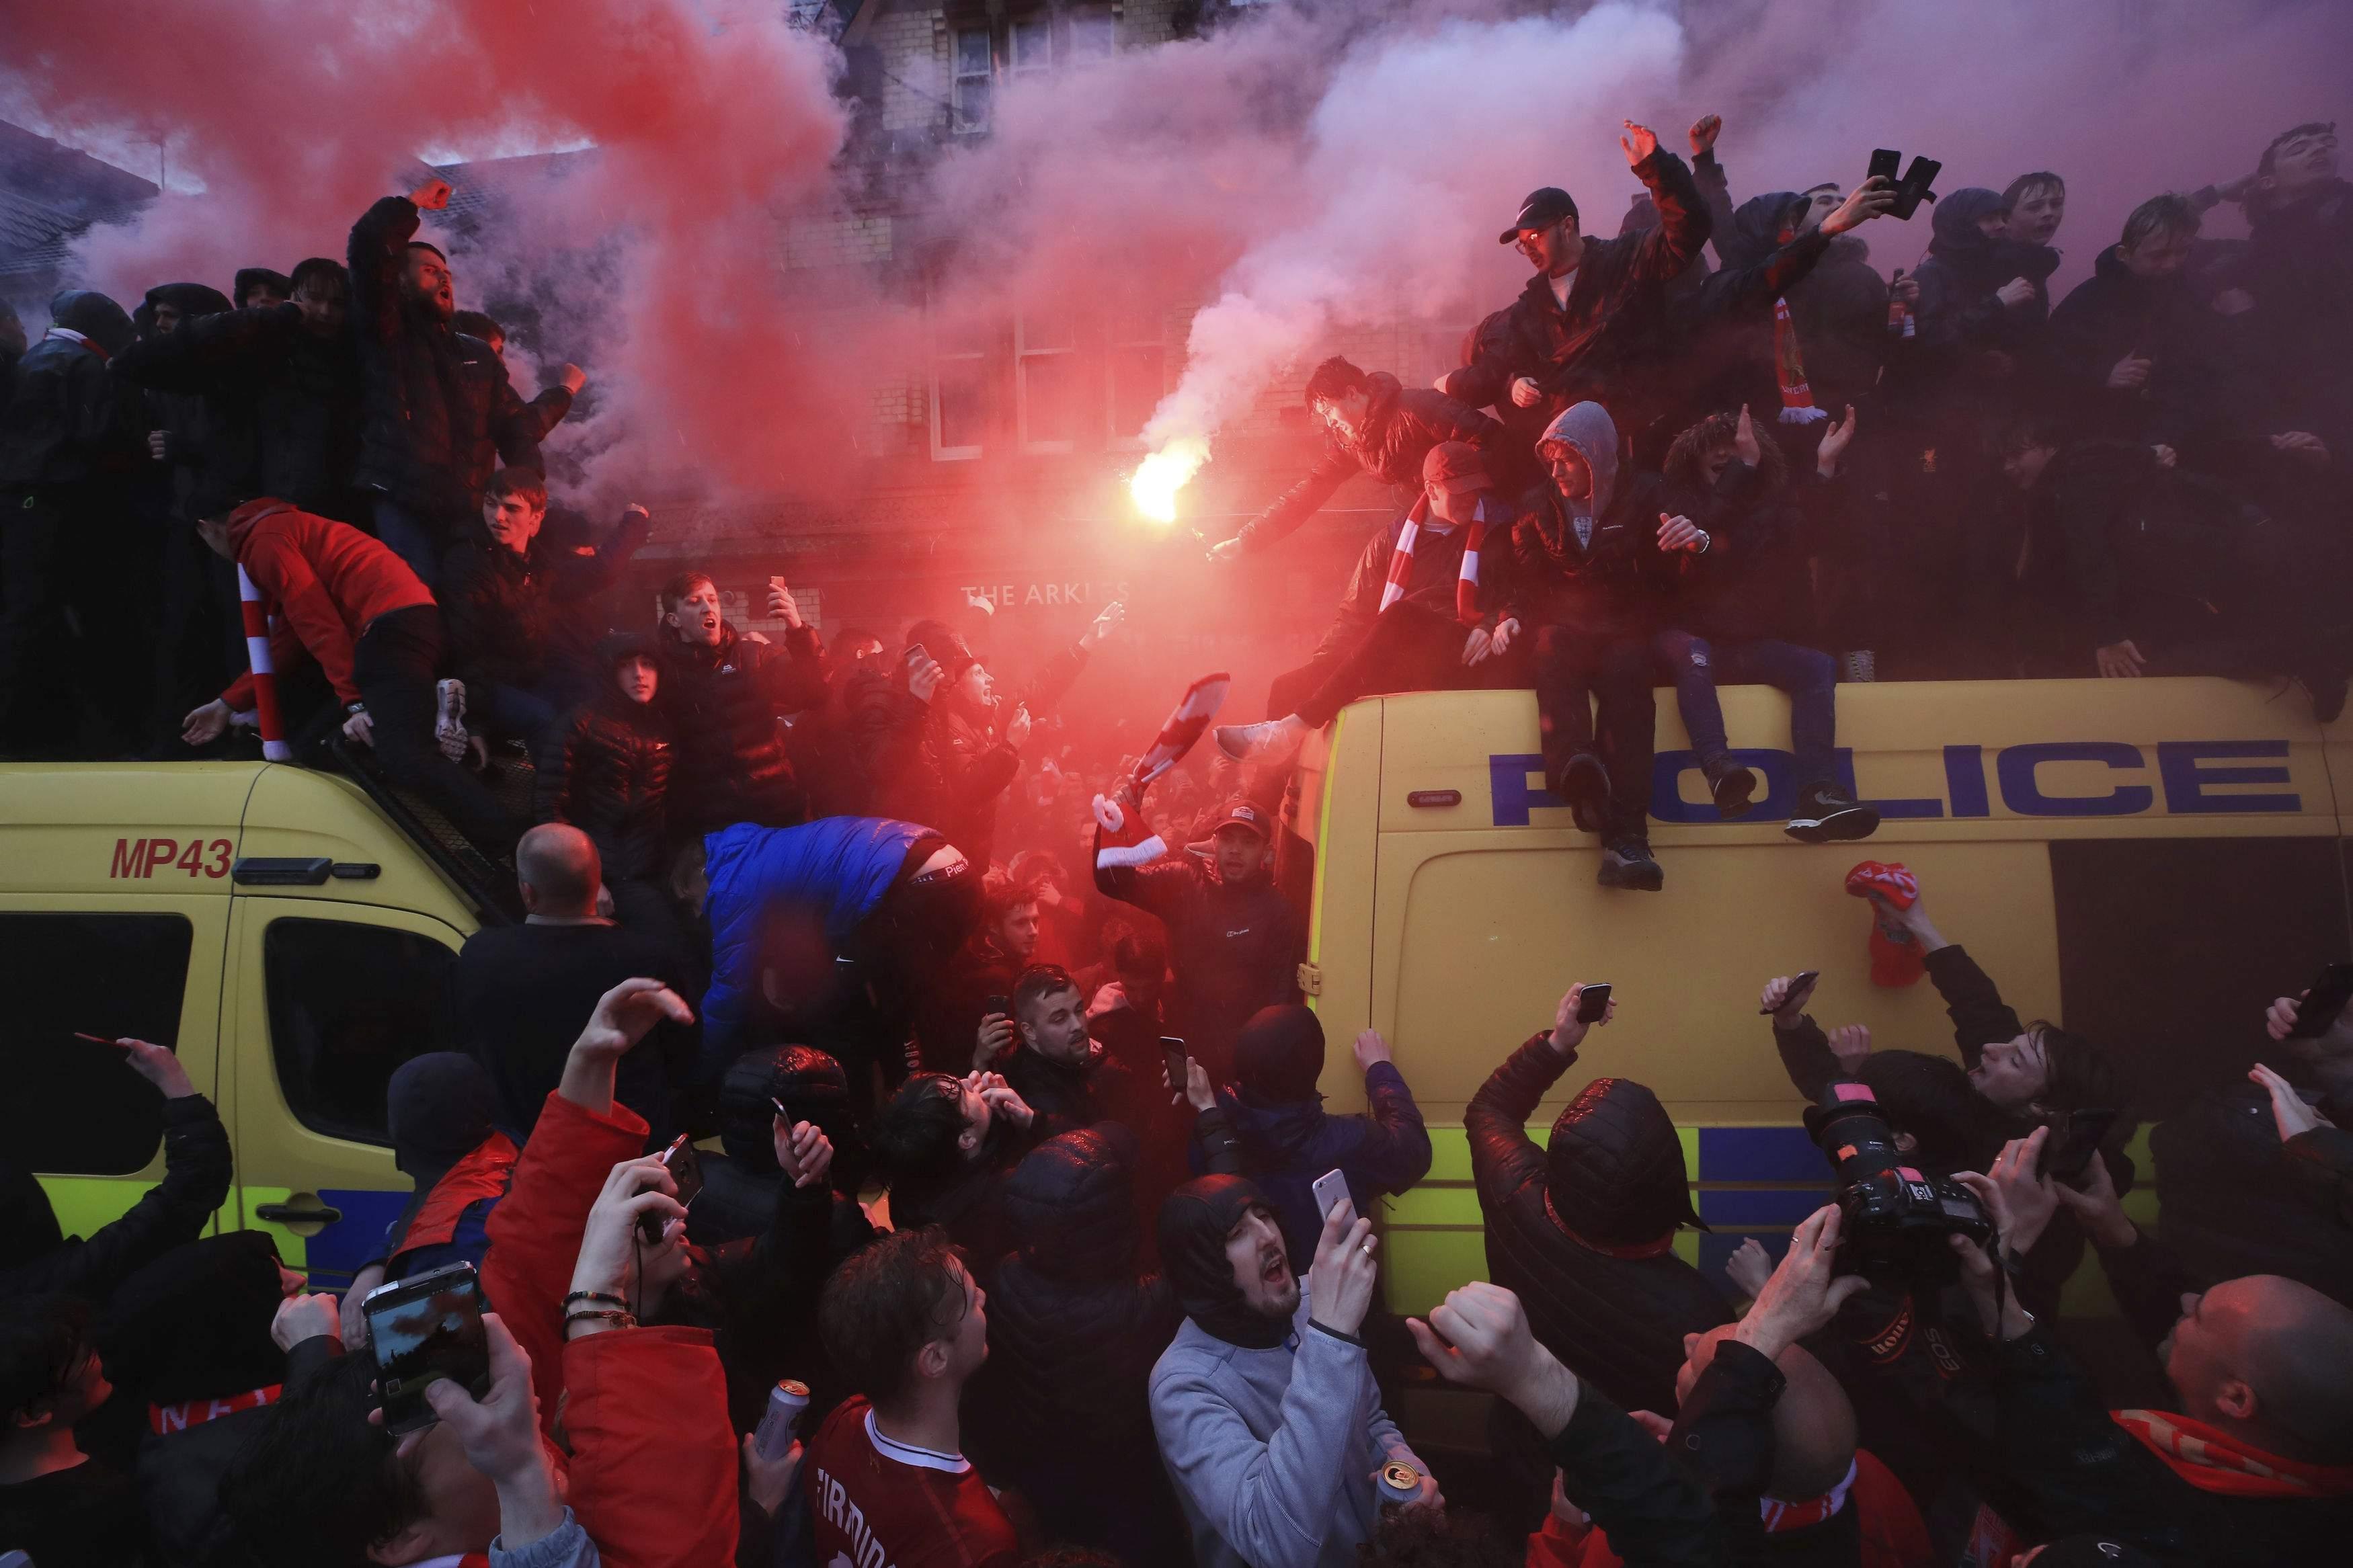 Roma, aggressione ad Anfield: polizia britannica incrimina 2 ultrà. I giallorossi rischiano